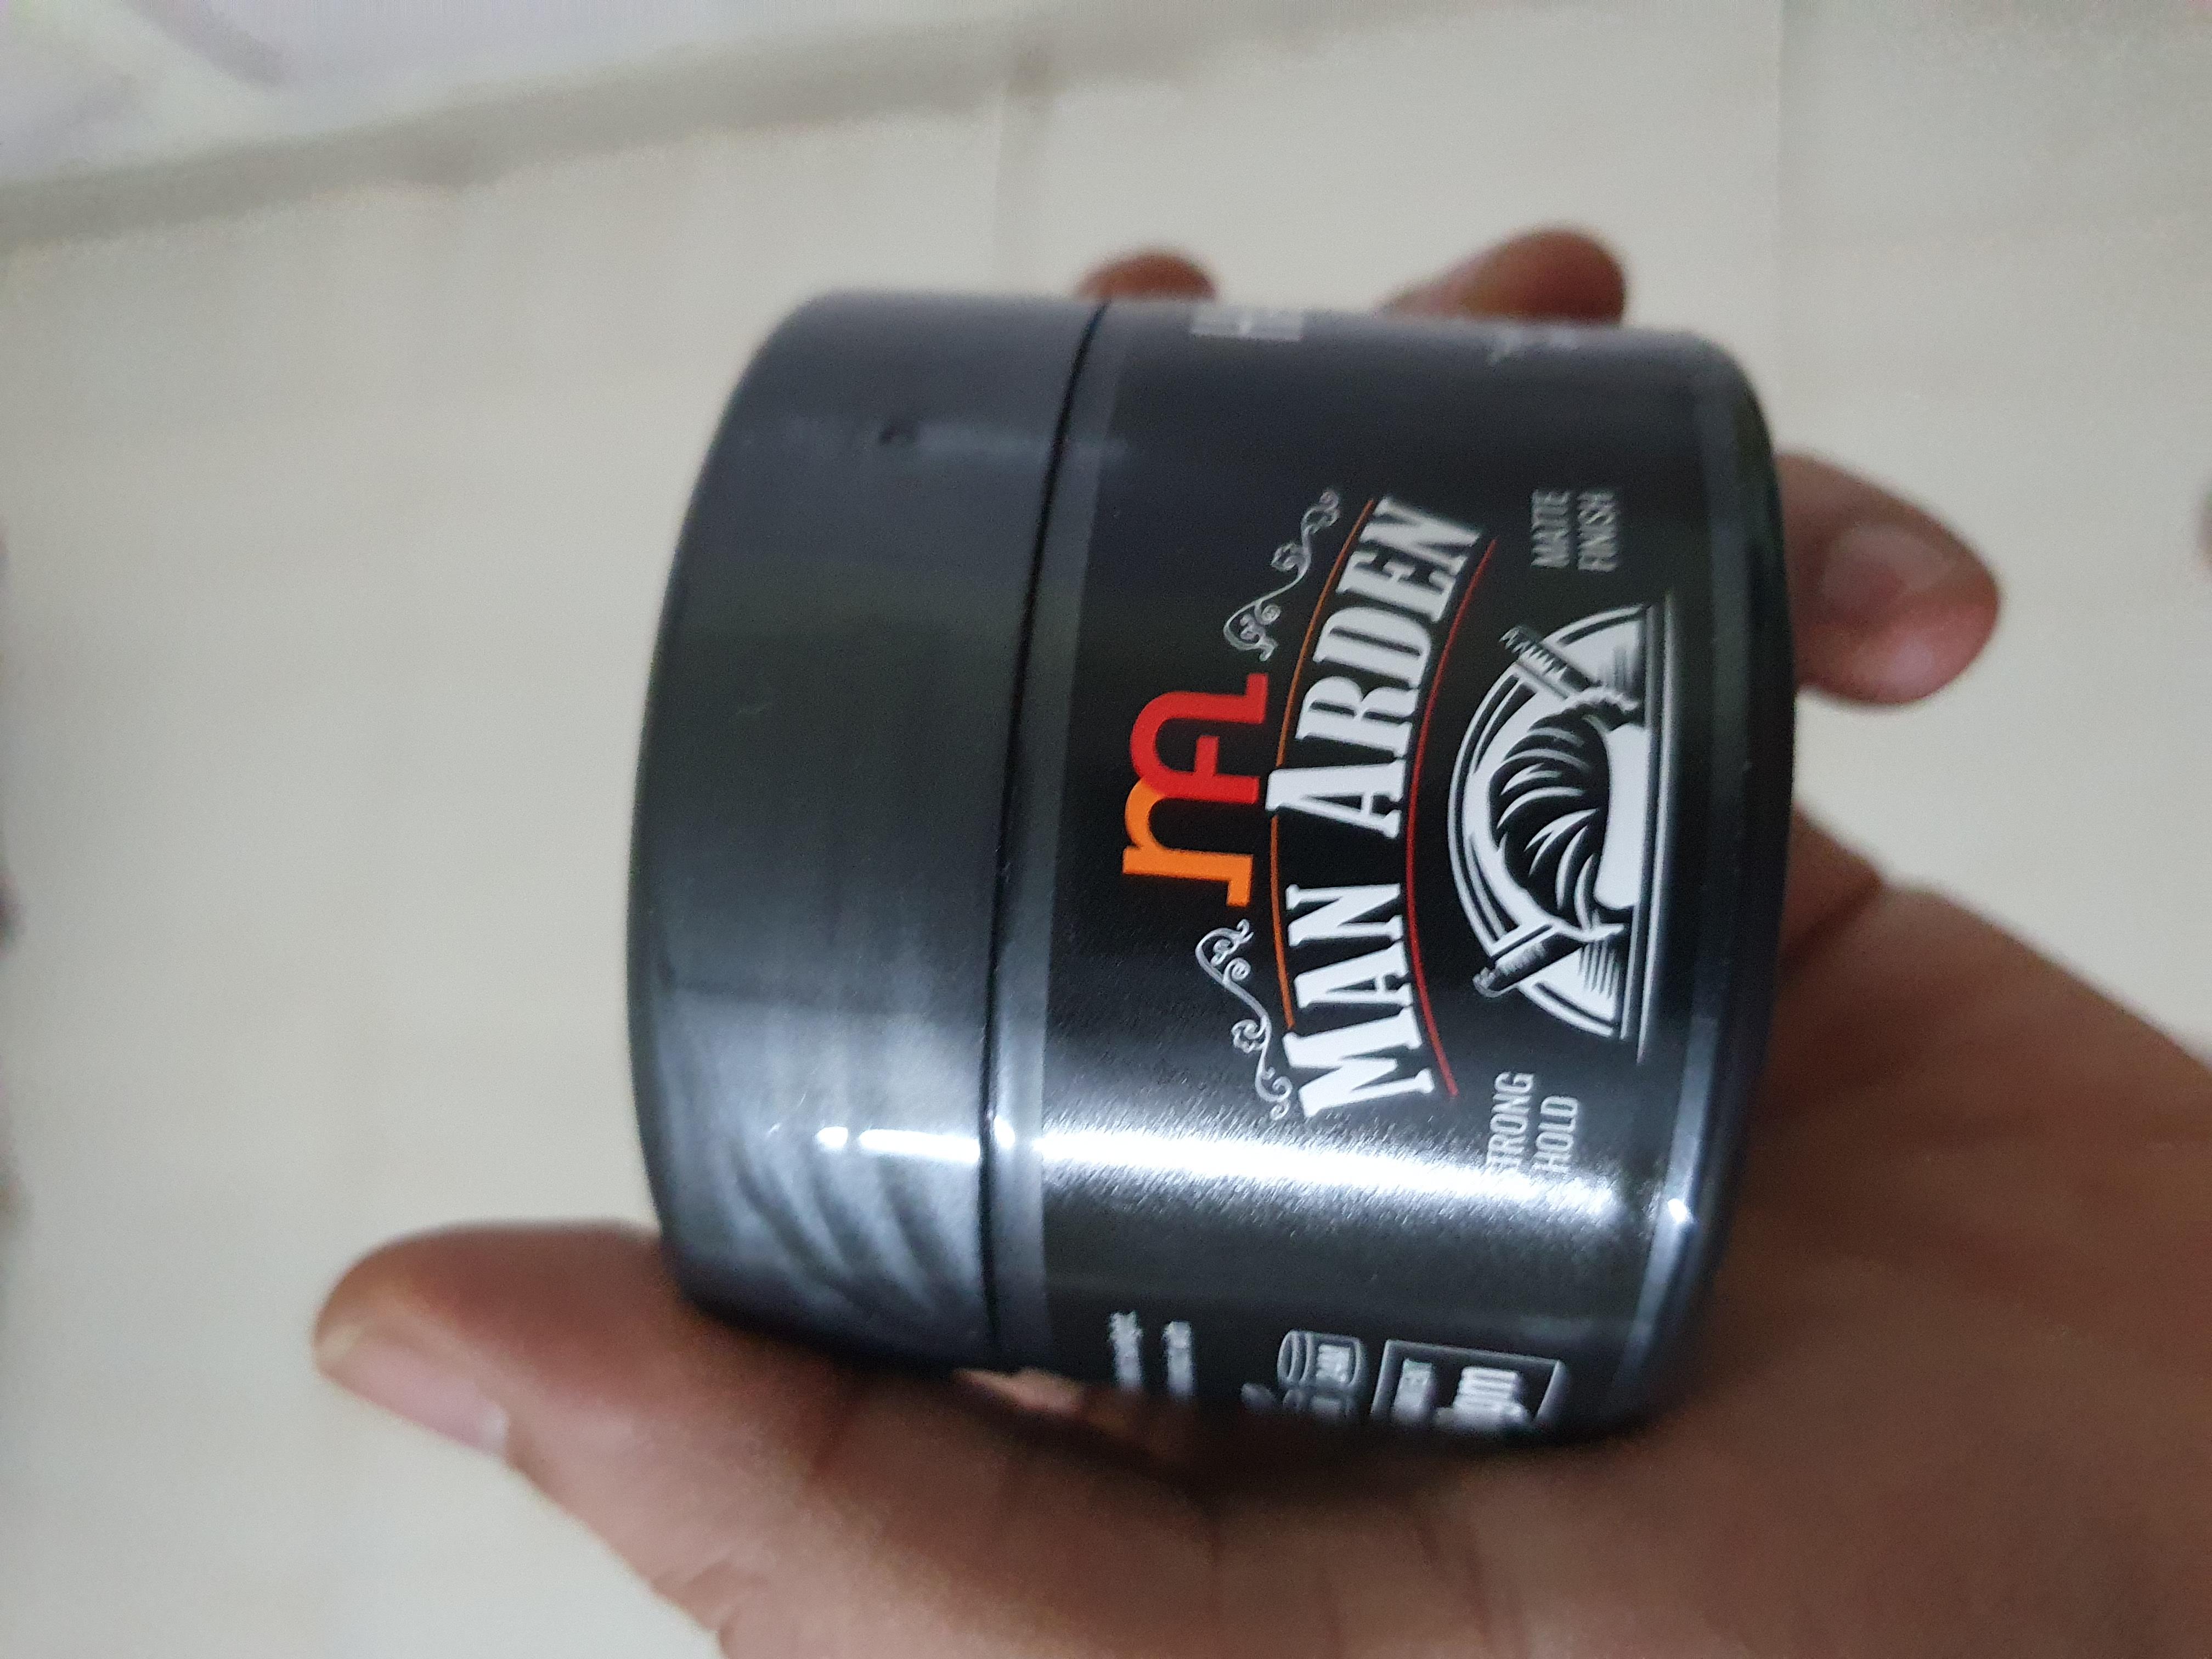 Man Arden Hair Fiber Wax-Best hair fibre wax i have ever found-By lenzzstruck-1